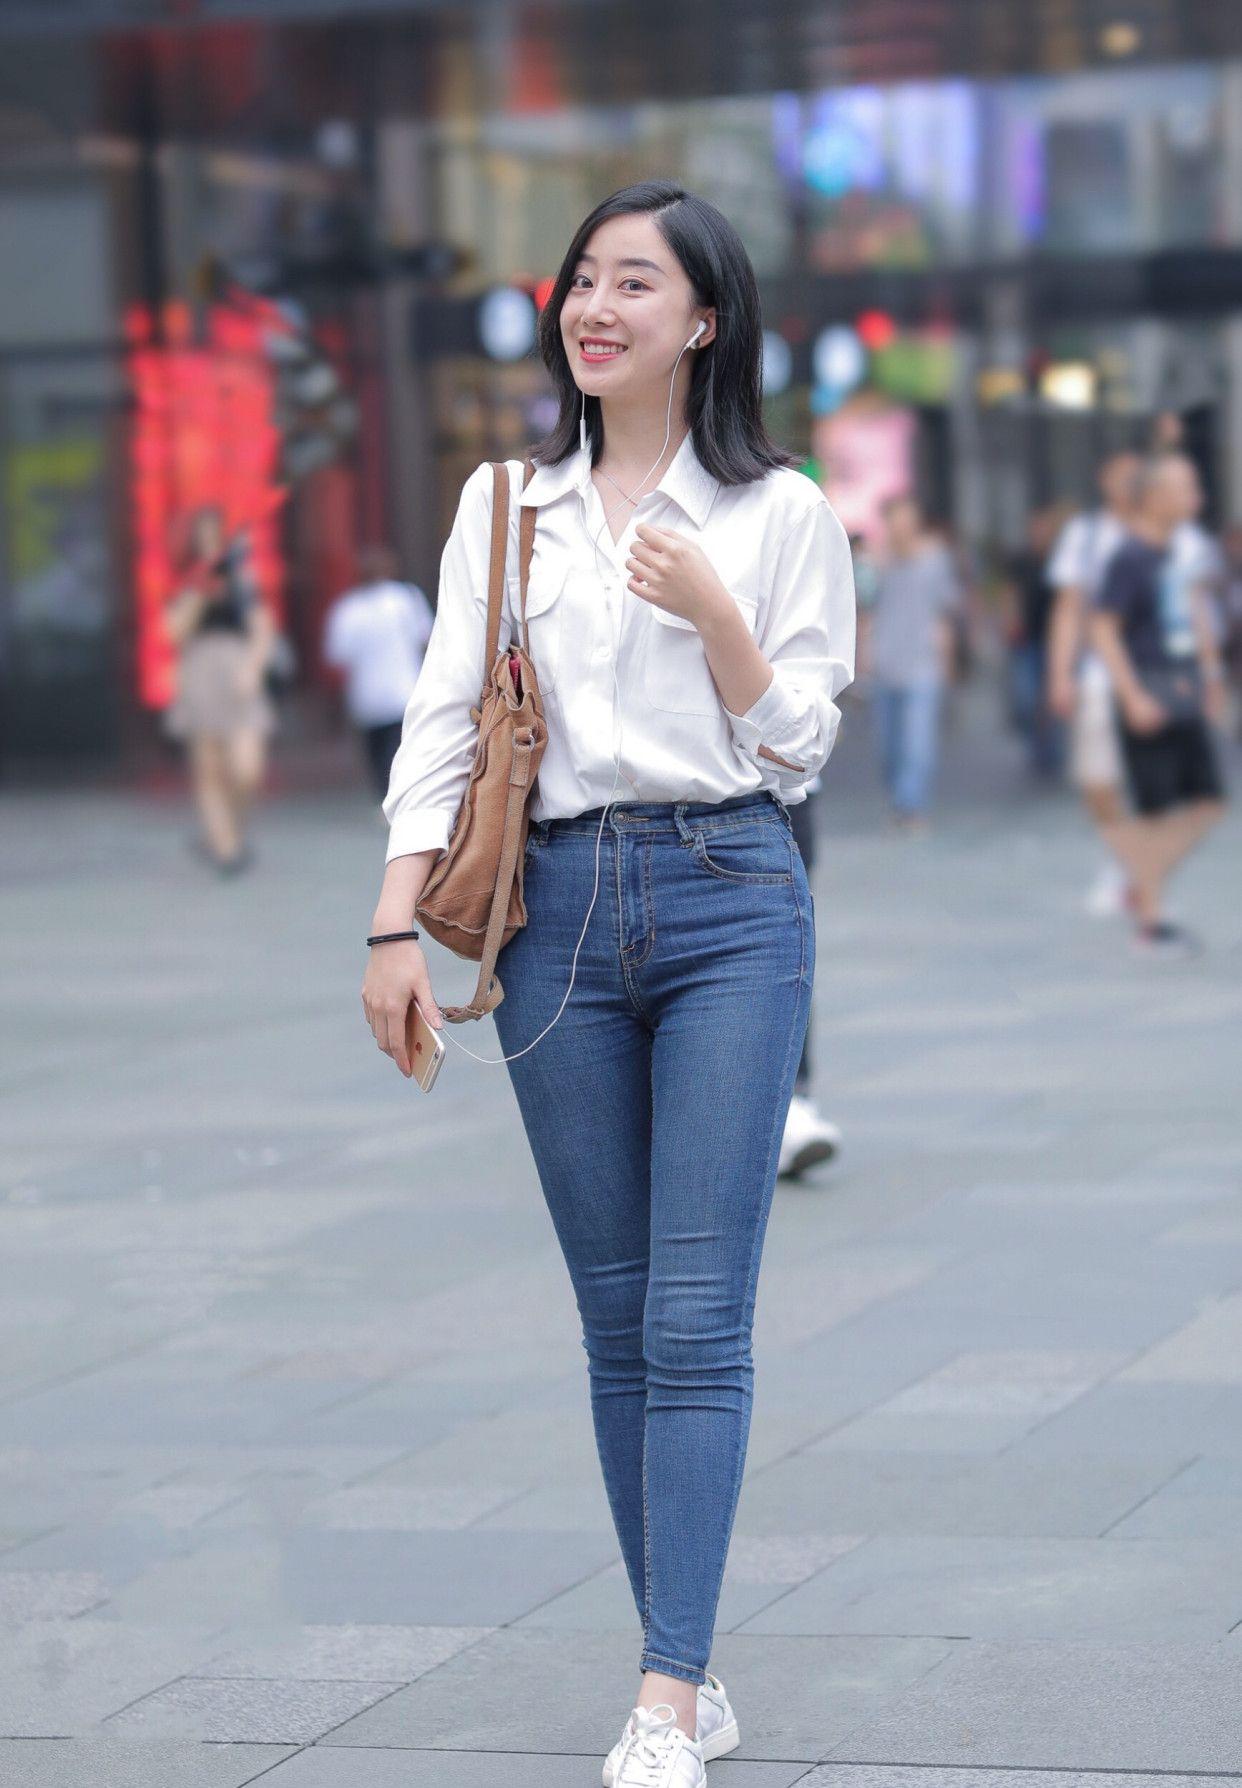 街拍:白衬衫给人无法替代的优雅与高级,夏日出街必备的时尚单品